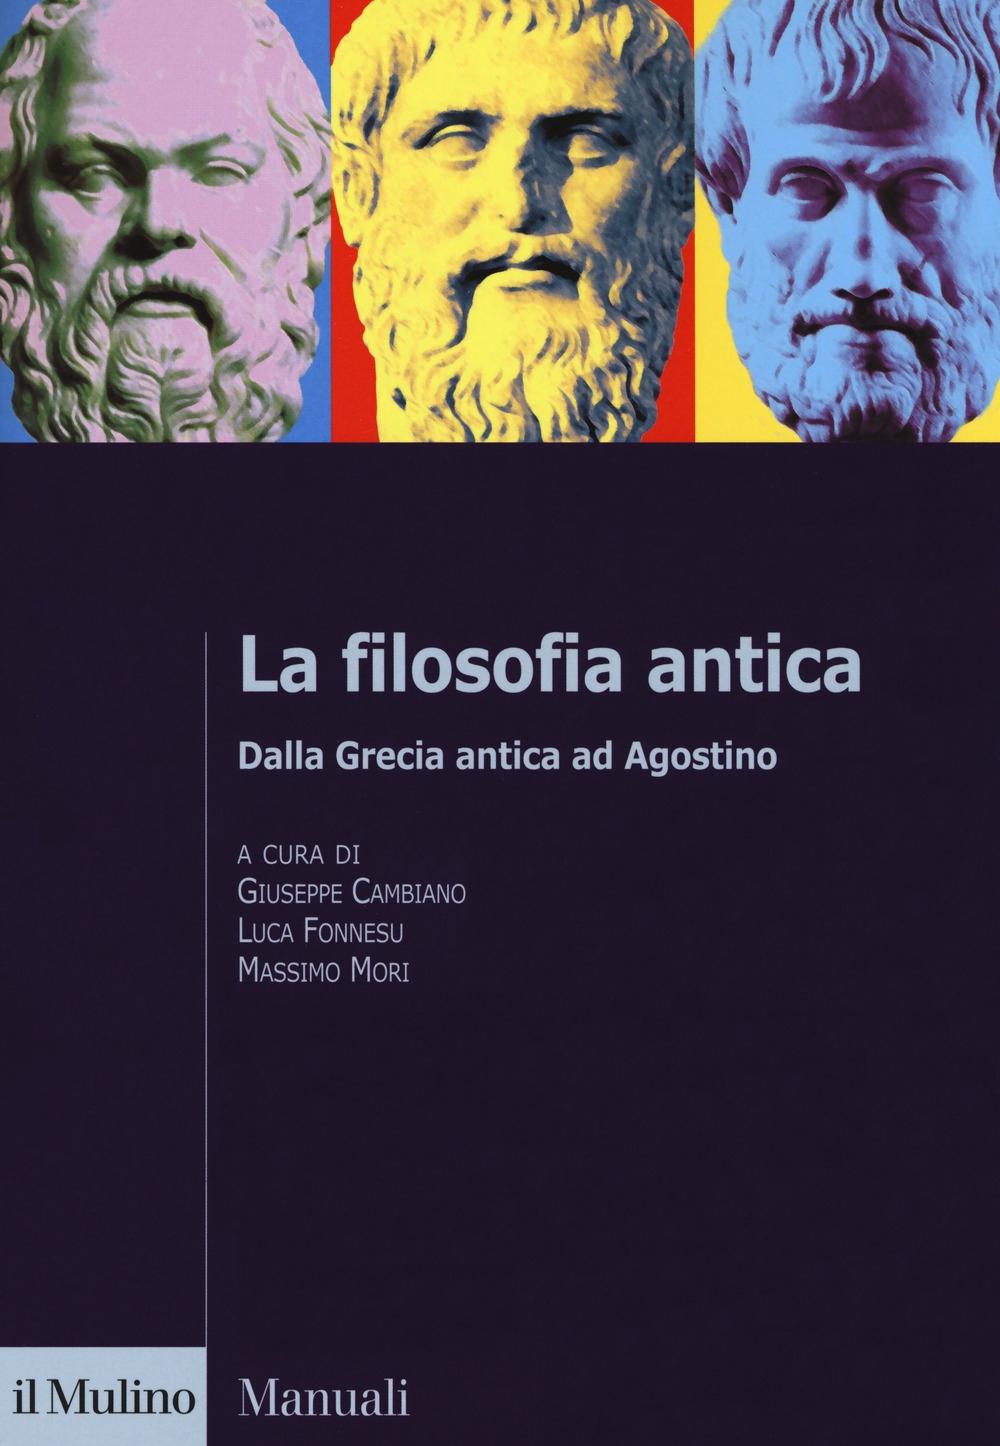 La filosofia antica. Dalla Grecia antica ad Agostino